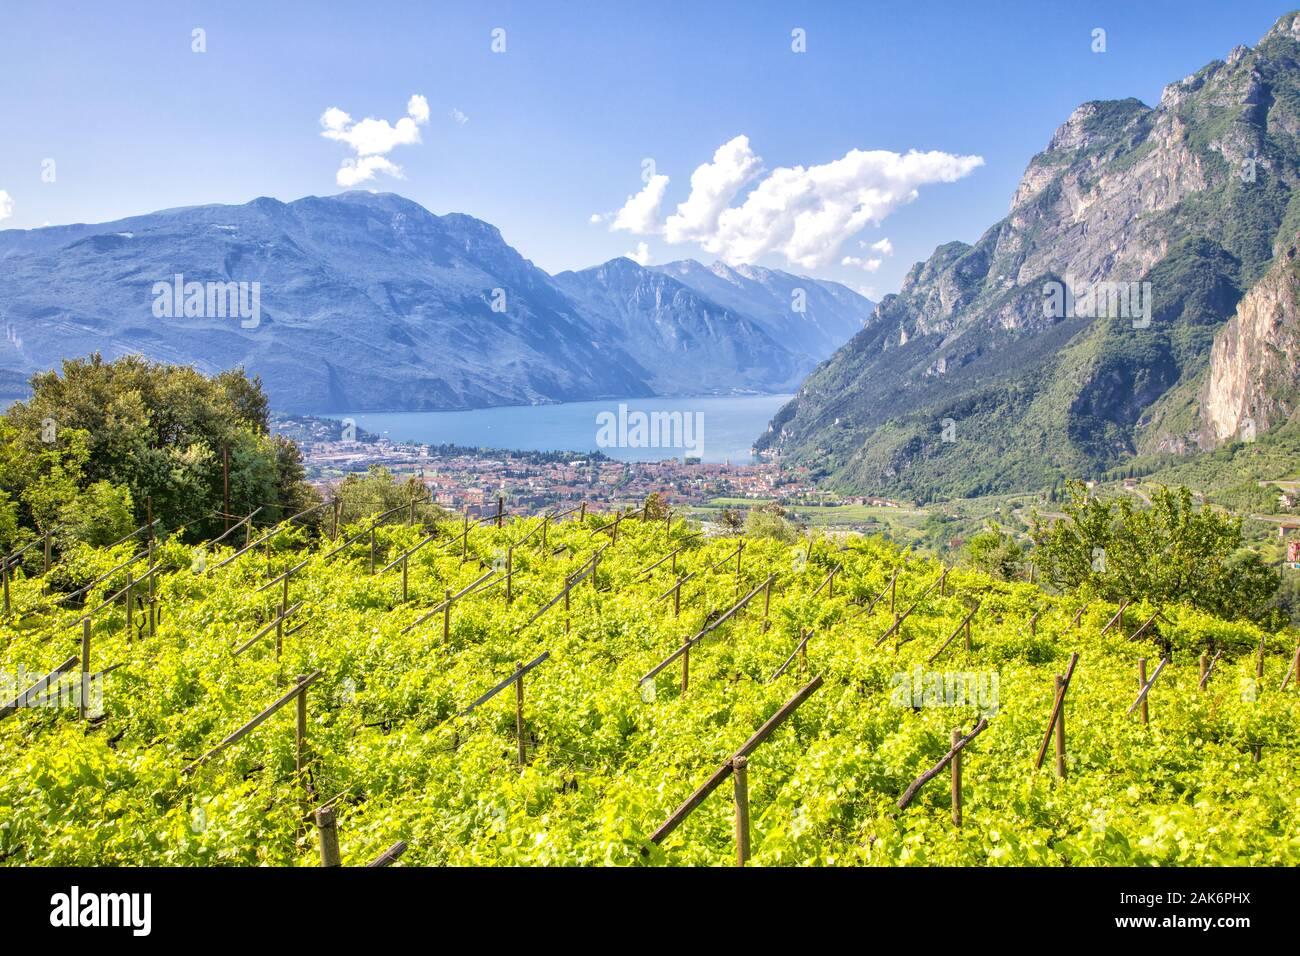 Trient/Riva del Garda: Riva, Blick von den Weingaerten oberhalb der Stadt auf Gardasee und Monte Baldo, Gardasee   usage worldwide Stock Photo